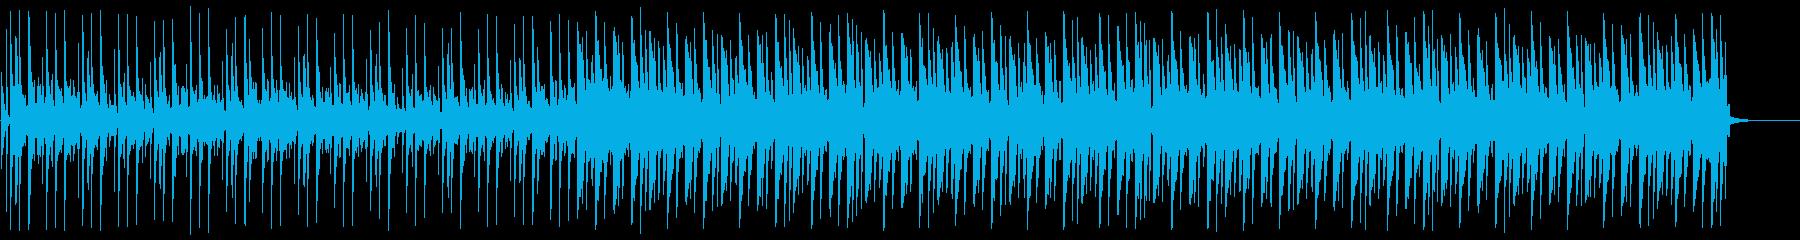 ビートの強いディープハウスNo681_2の再生済みの波形